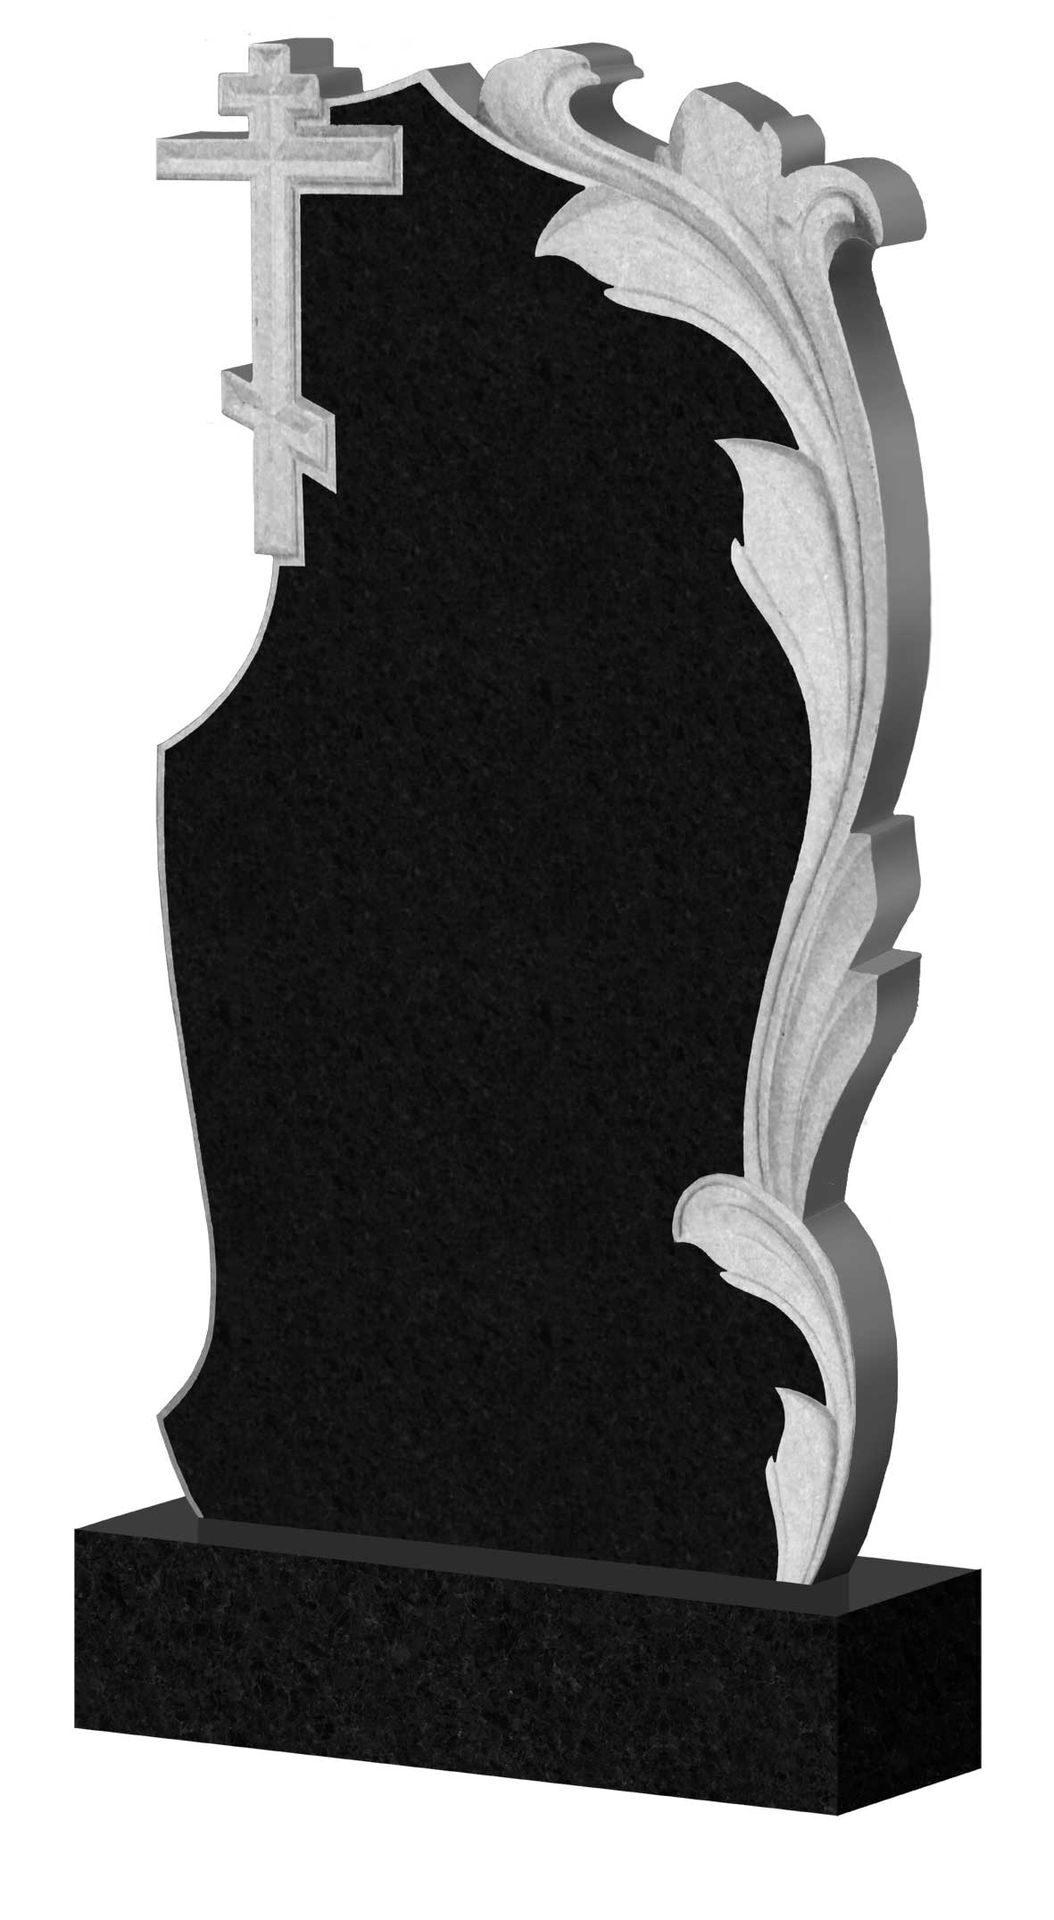 Заказать памятник барнаул недорого памятники гранит саратов фото